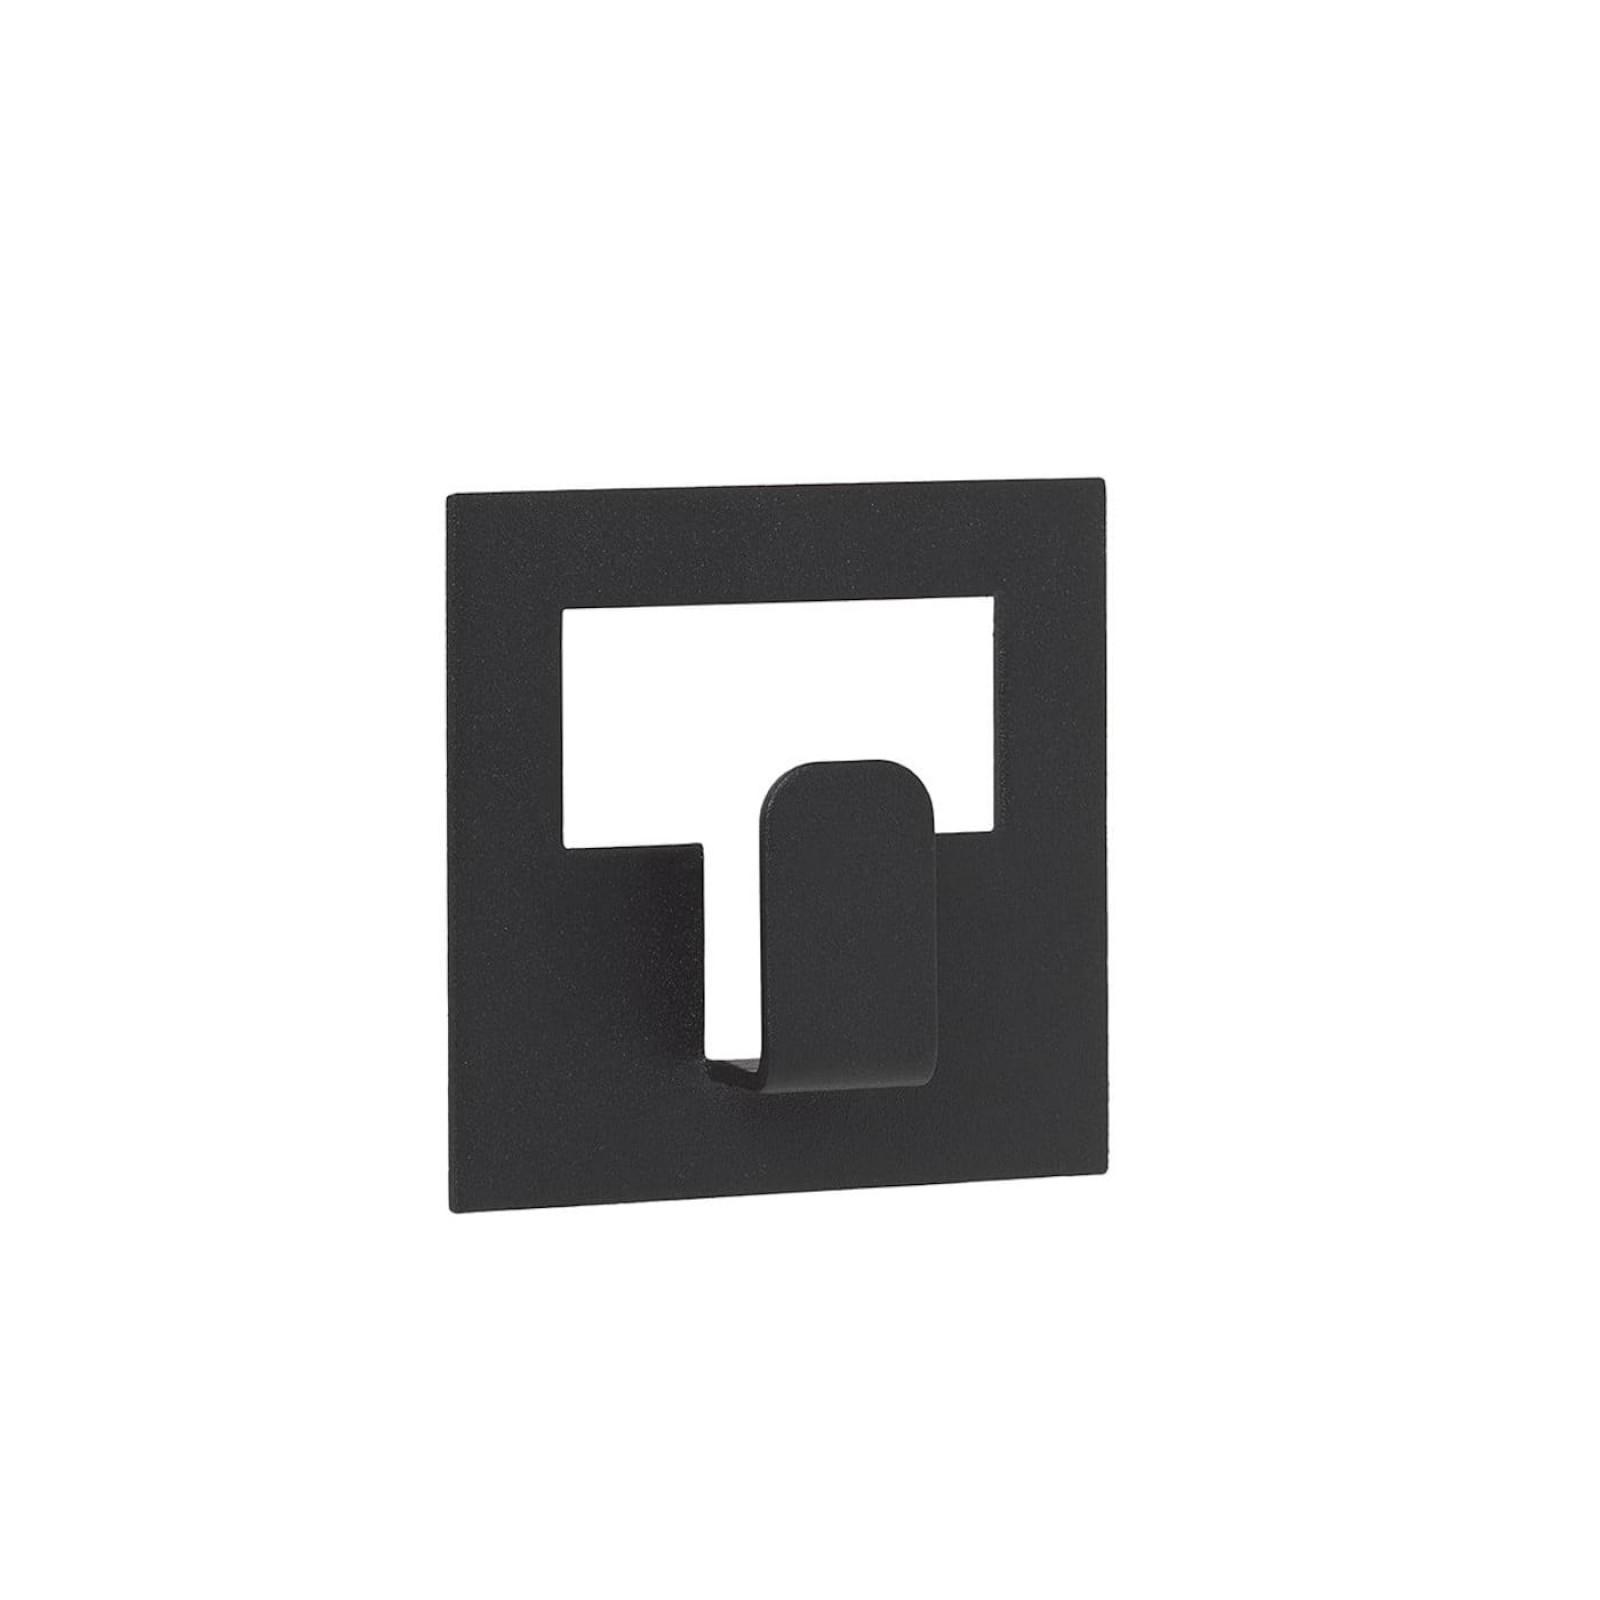 Κρεμάστρα για Πετσέτες με Αυτοκόλλητο VINDO S (Μαύρο) - Blomus